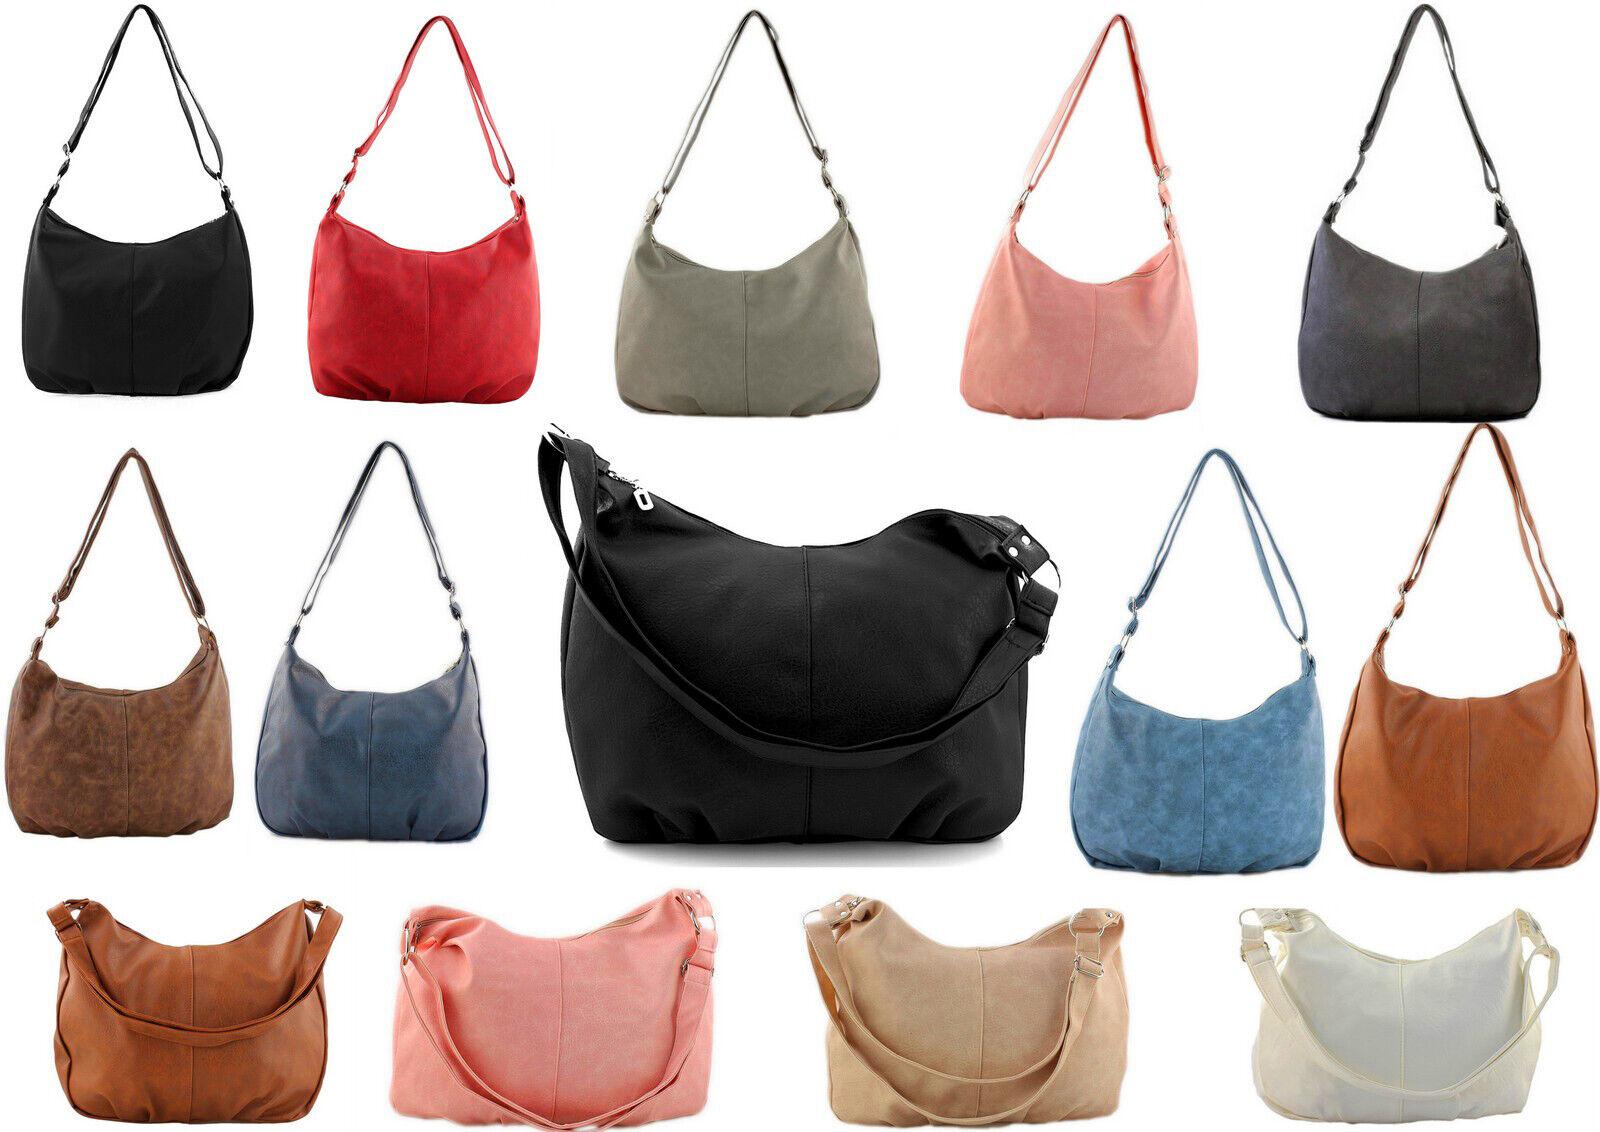 65540a9ebc272 Handtasche Schwarz Schultertasche Damen Shopper Bag grosse Damentasche  Tasche